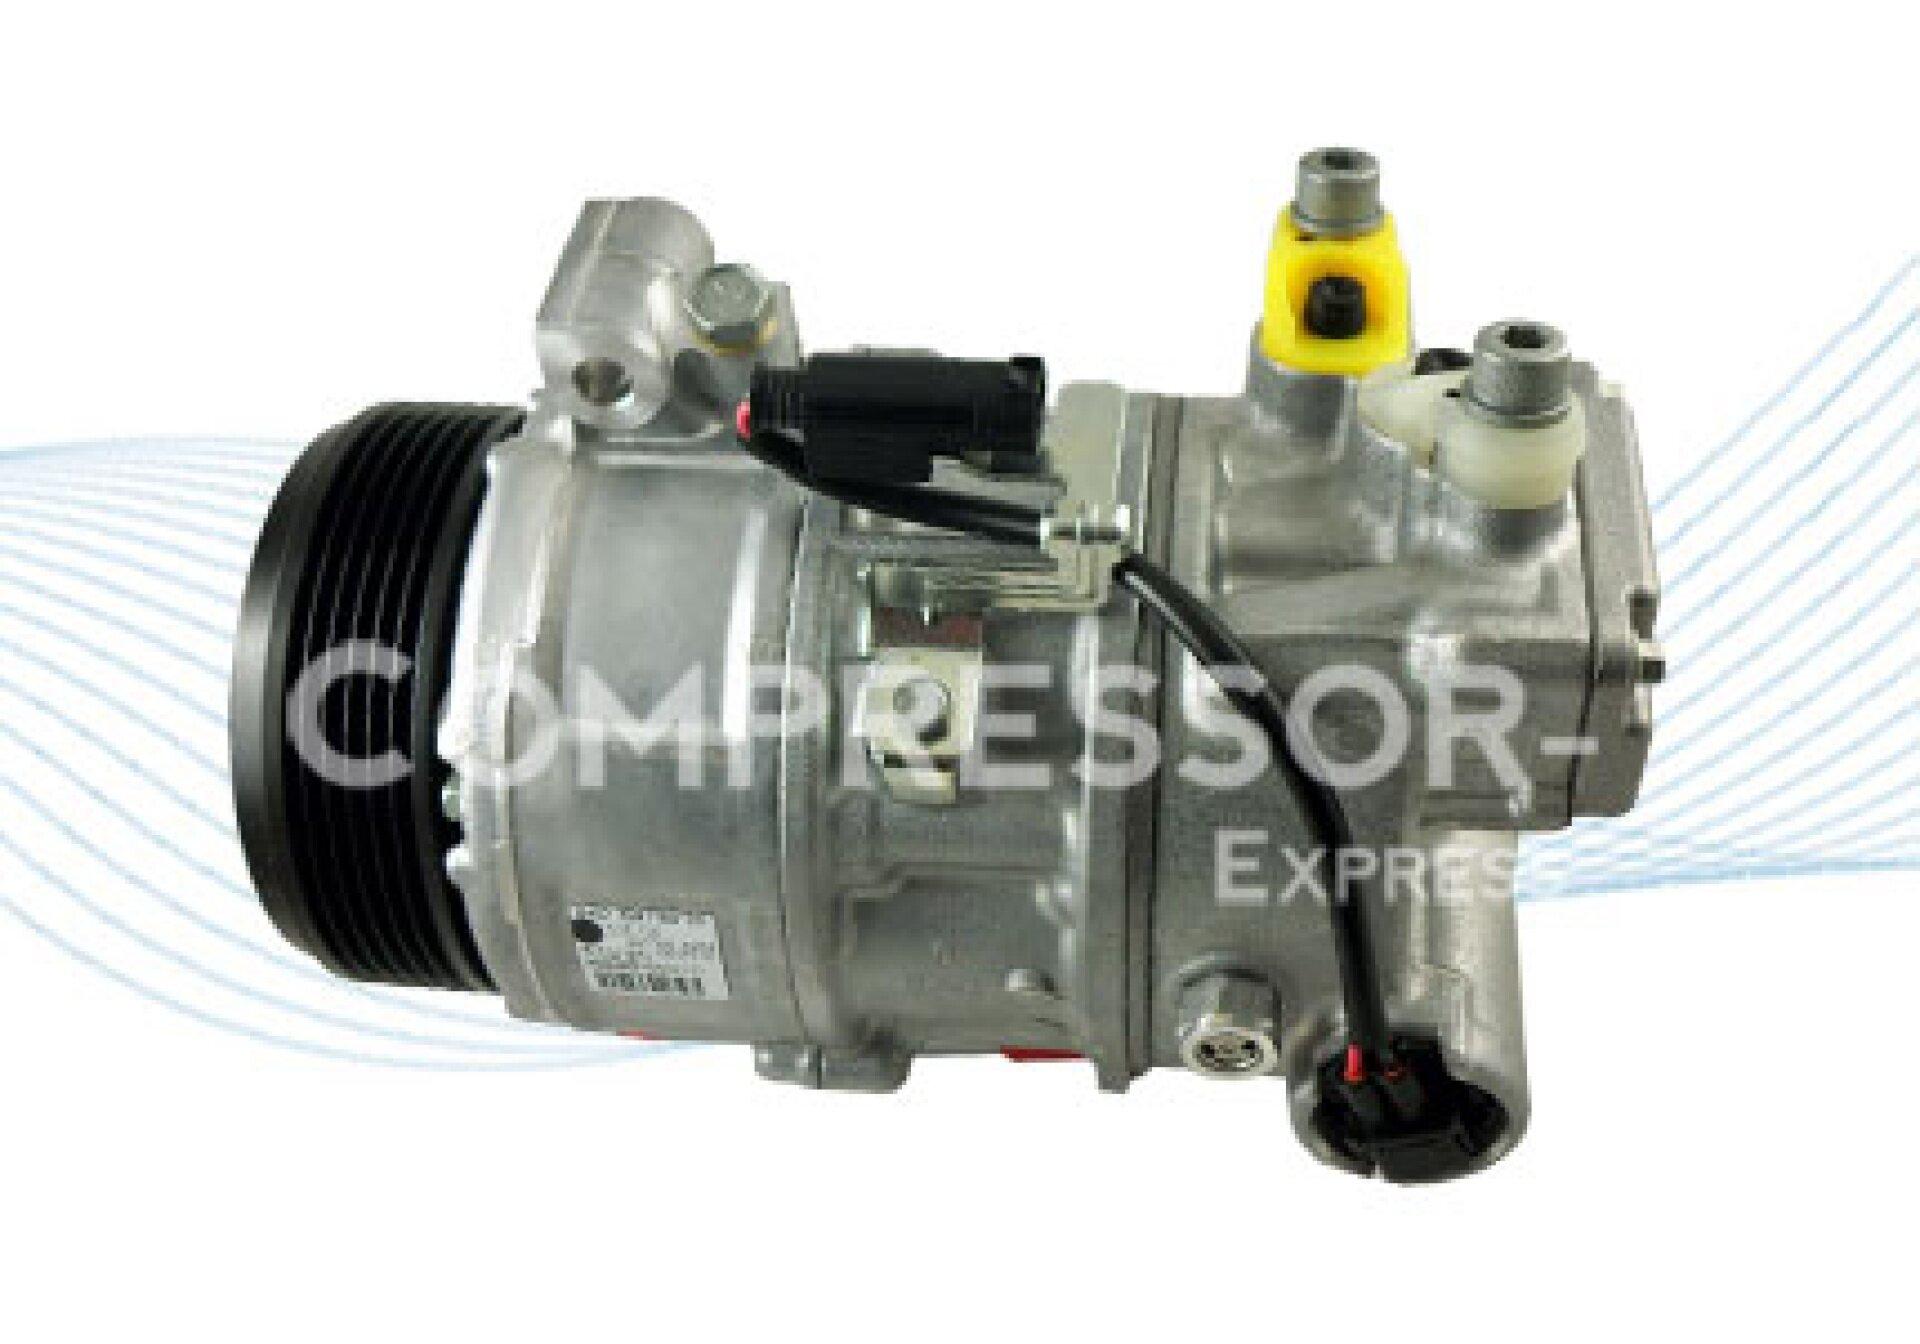 Denso 5se12c compresor de aire acondicionado 447180 9590 for Compresor de aire acondicionado